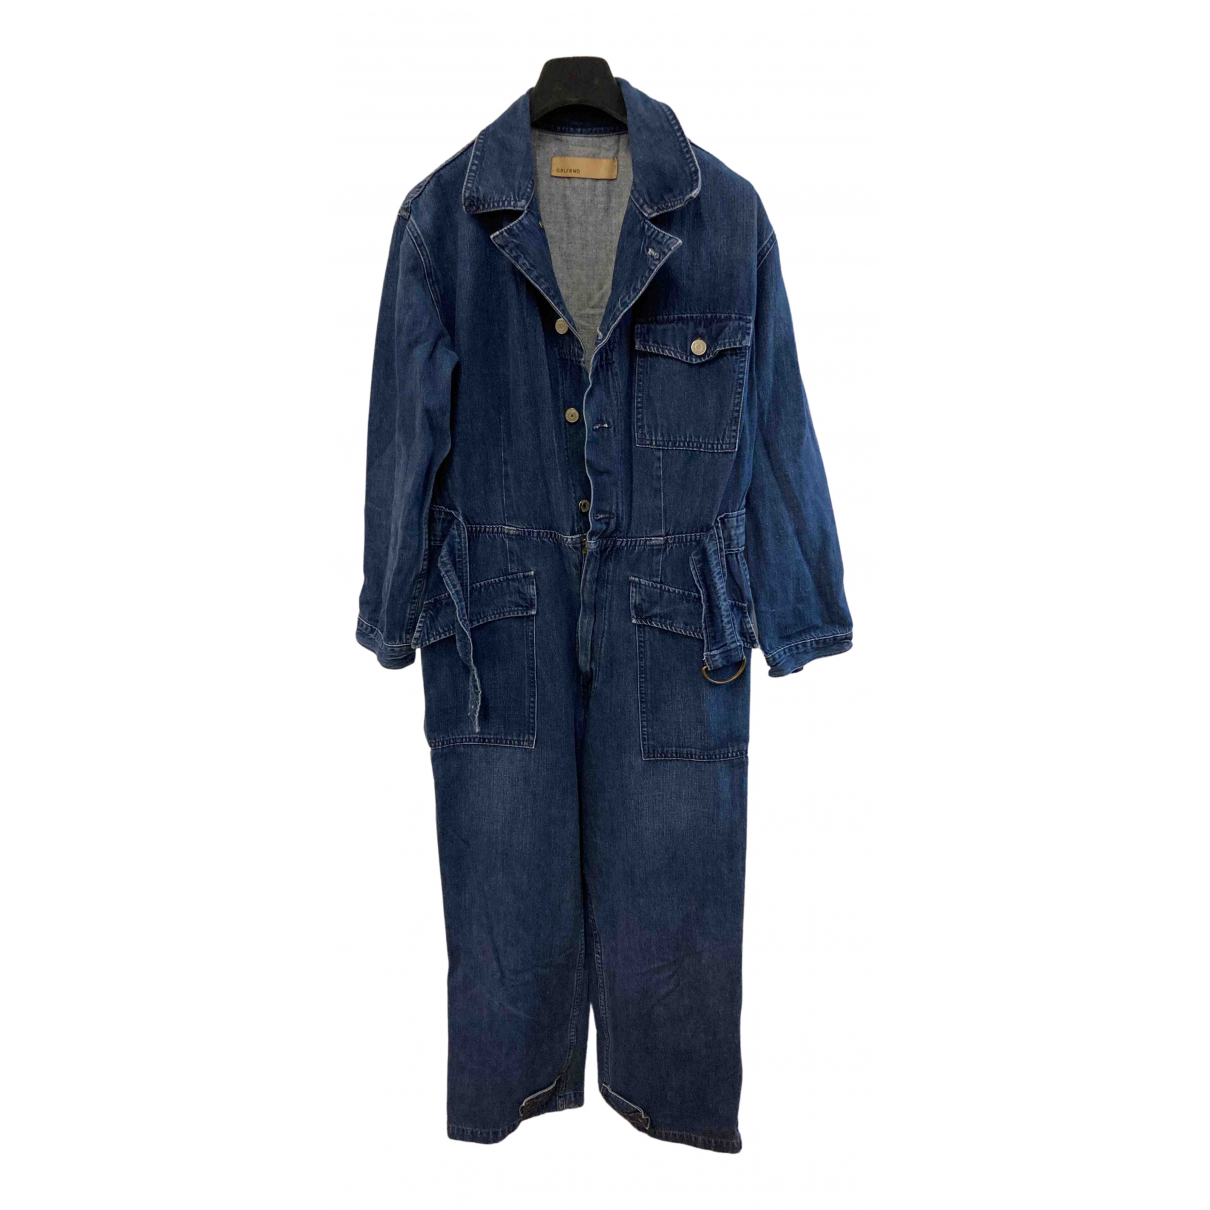 Grlfrnd \N Kleid in  Blau Baumwolle